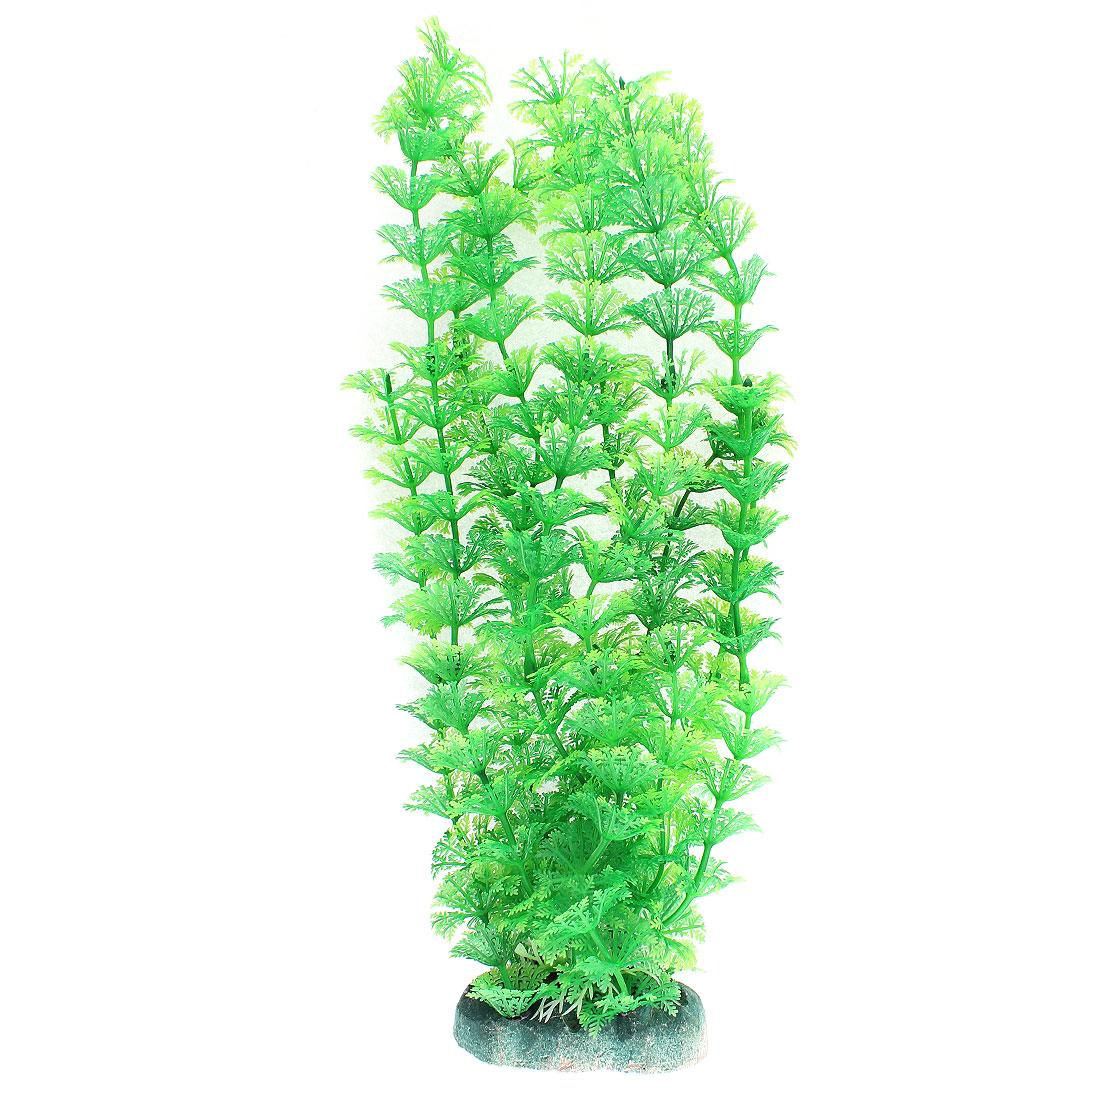 Aquarium Plastic Artificial Underwater Plant Grass Landscaping Decor 33 x 12cm